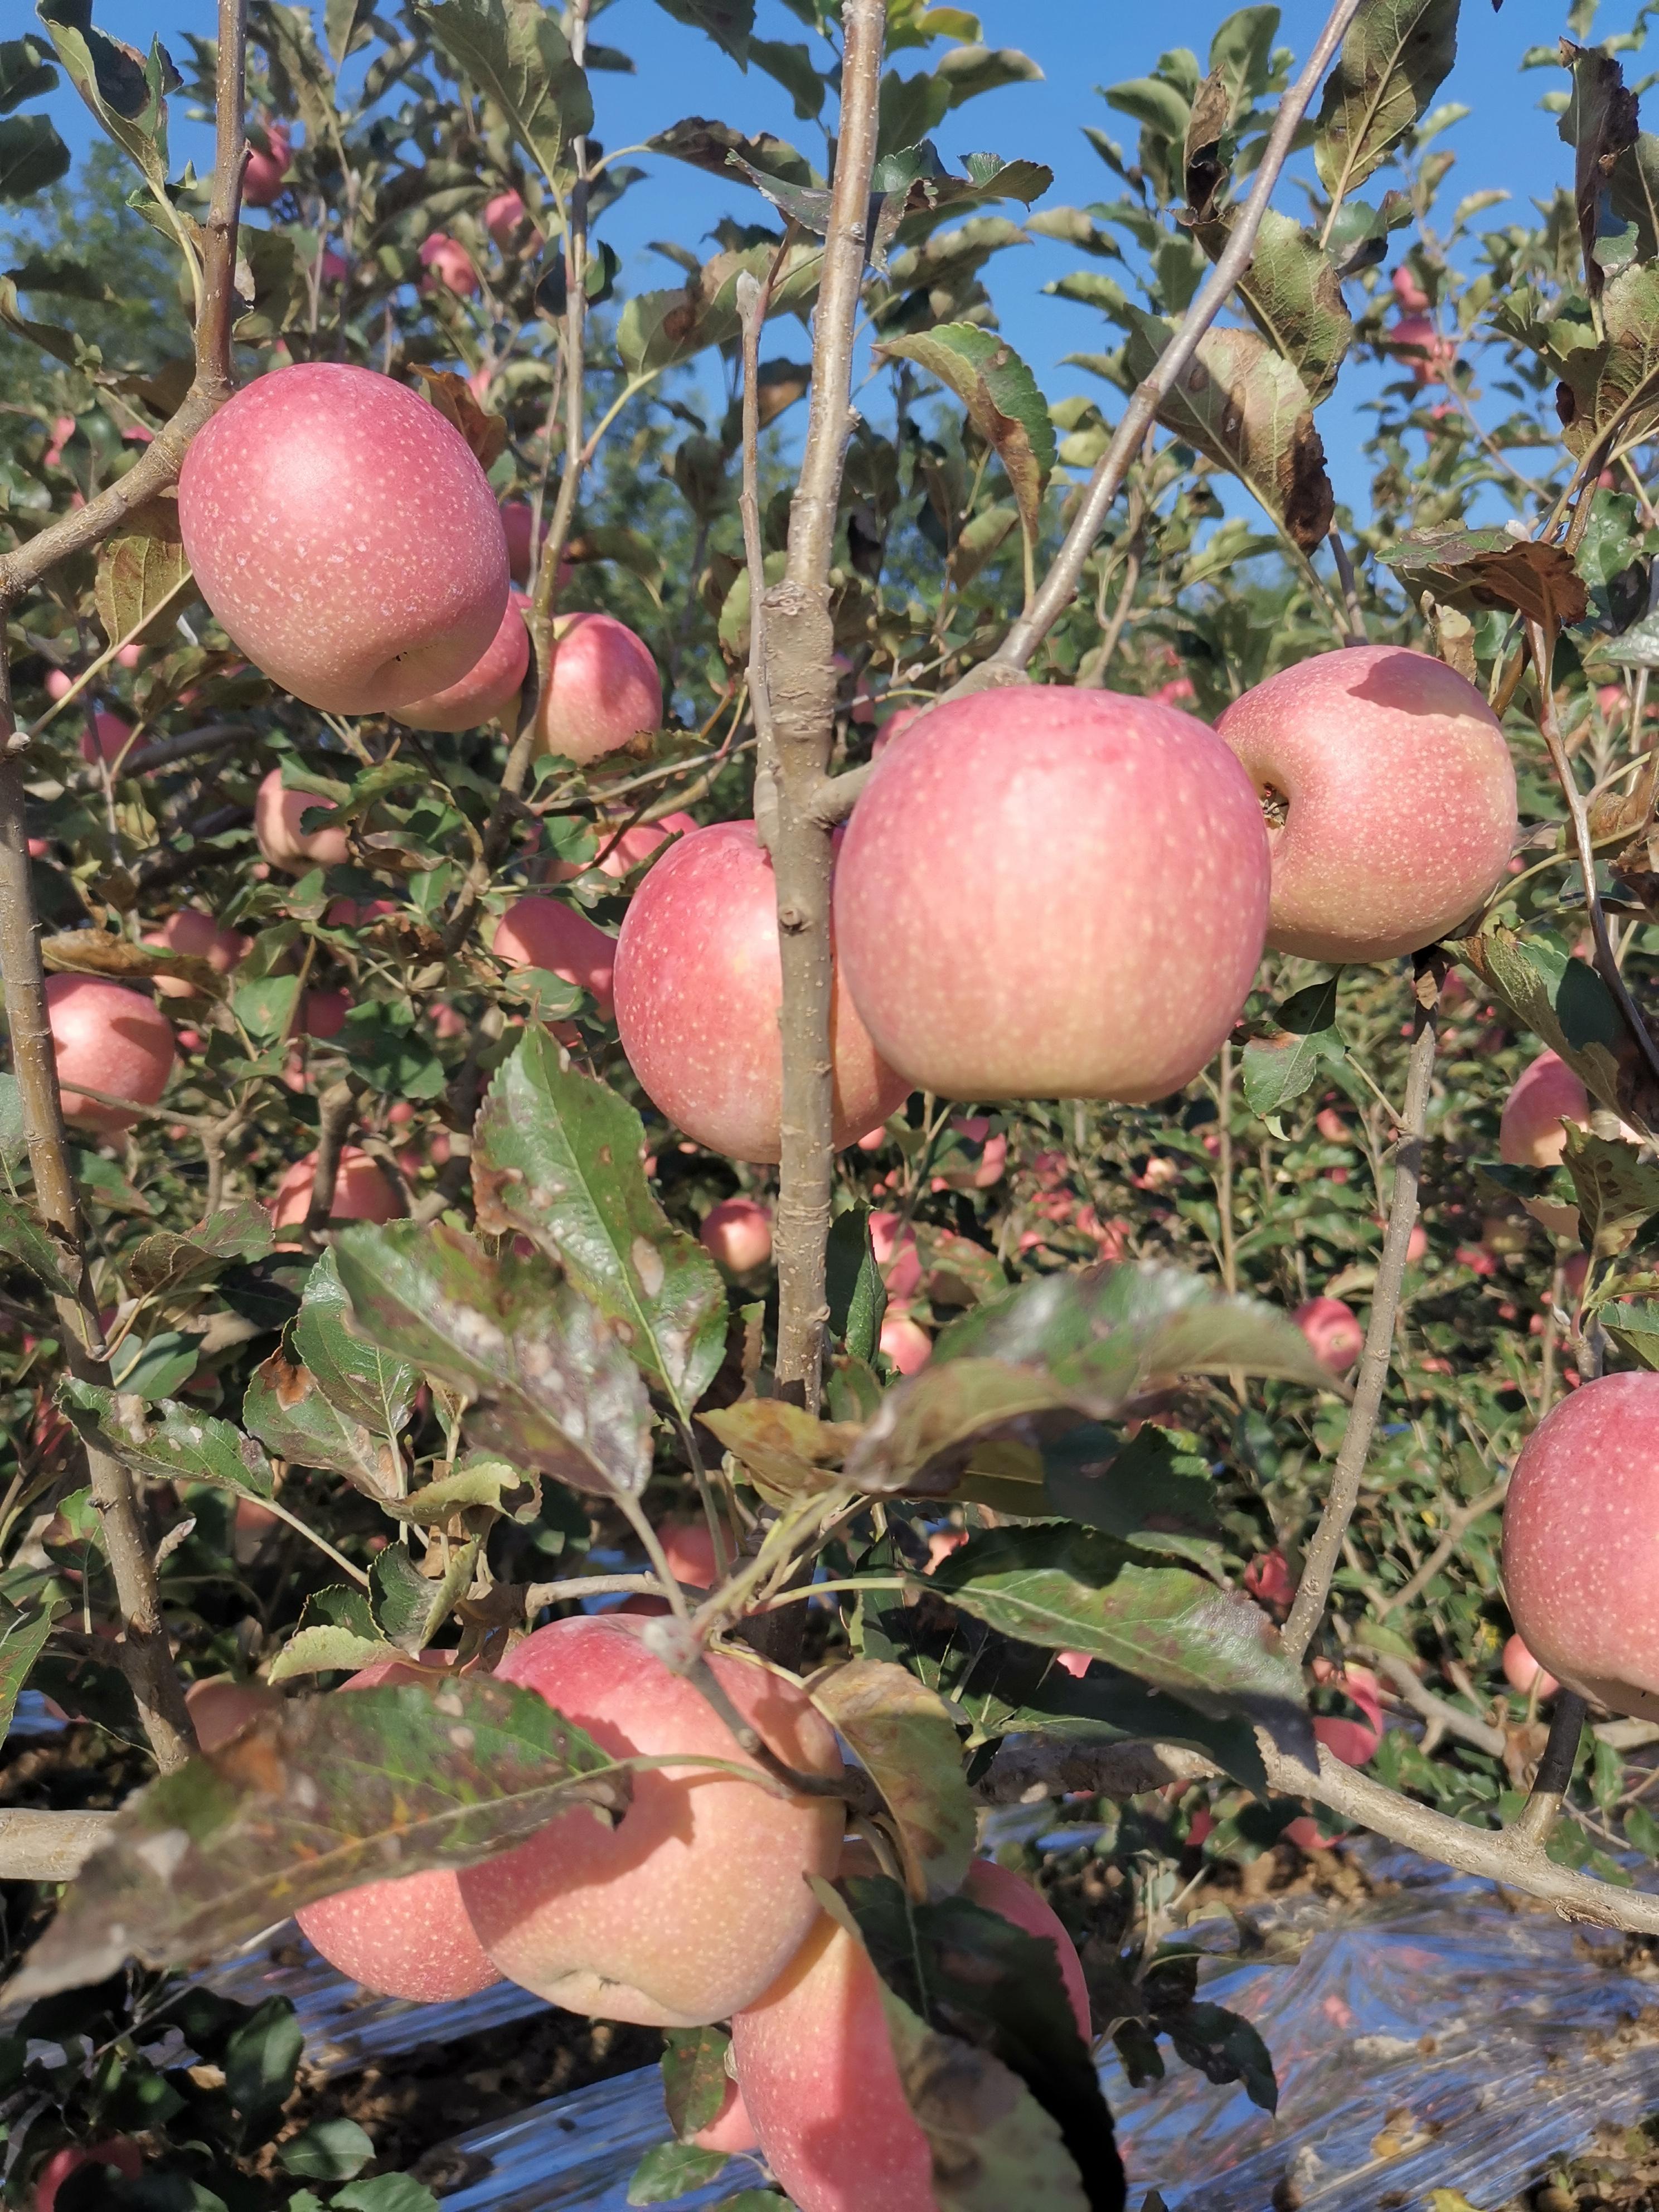 初夏观花、秋季赏果品味的富平曹村镇苹果,与柿子一样成为美景